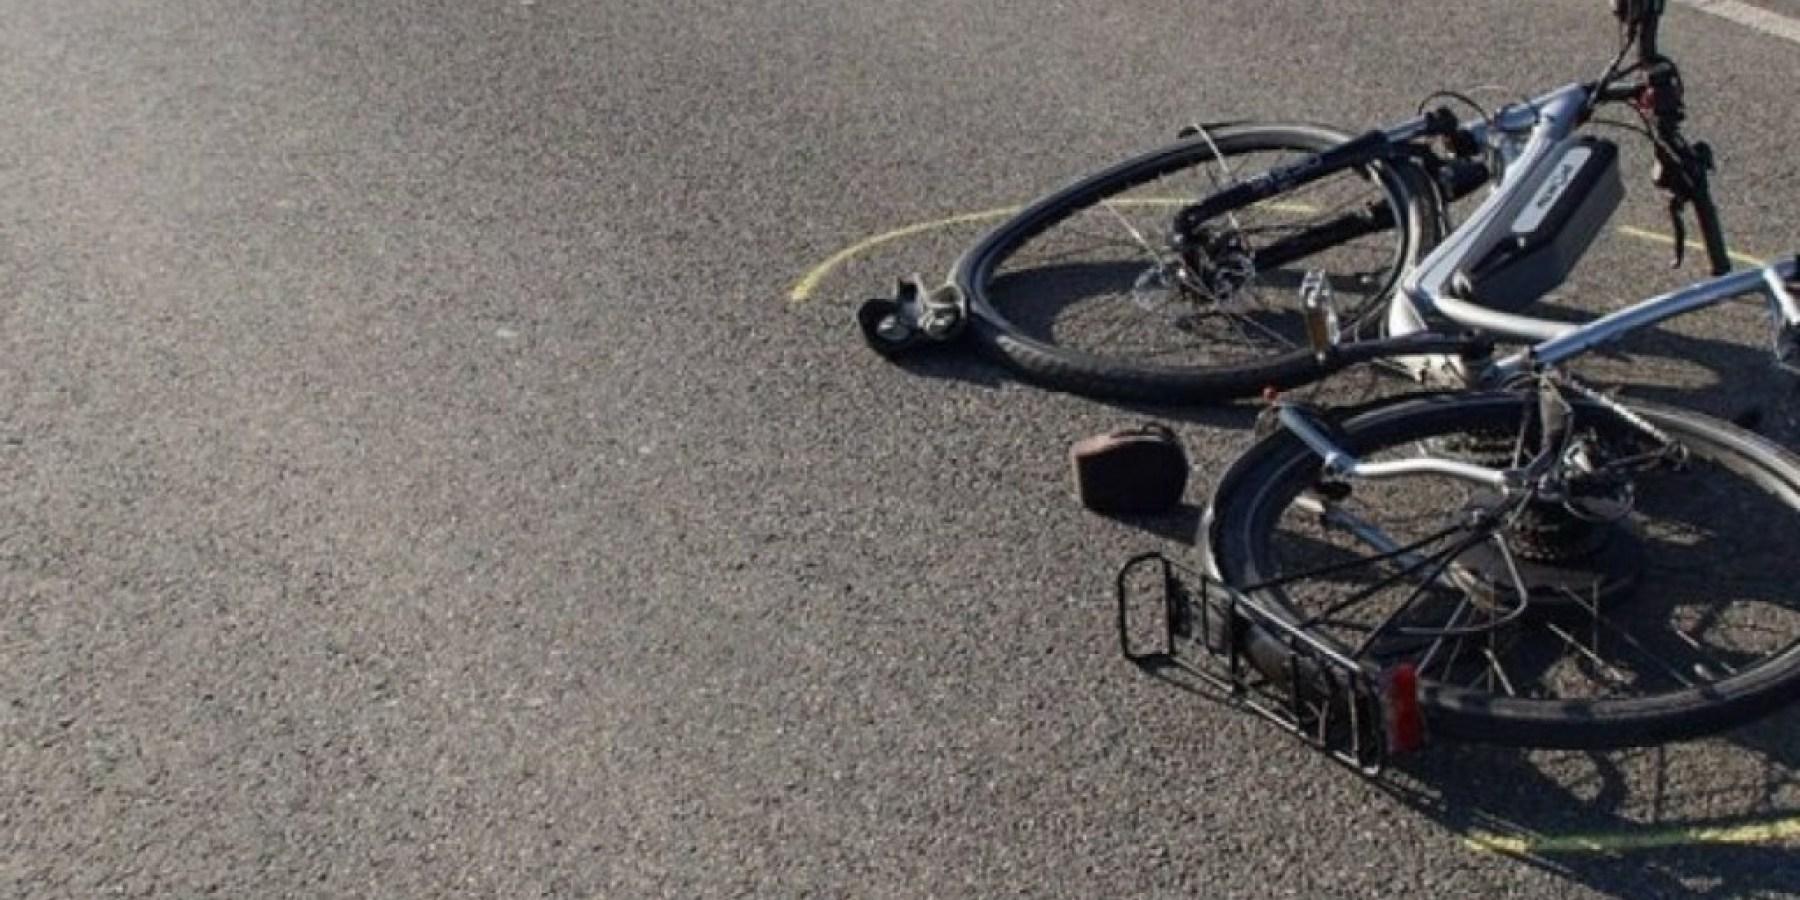 1,78 Promille Fahrrad gefahren und gestürzt – Kopfverletzung